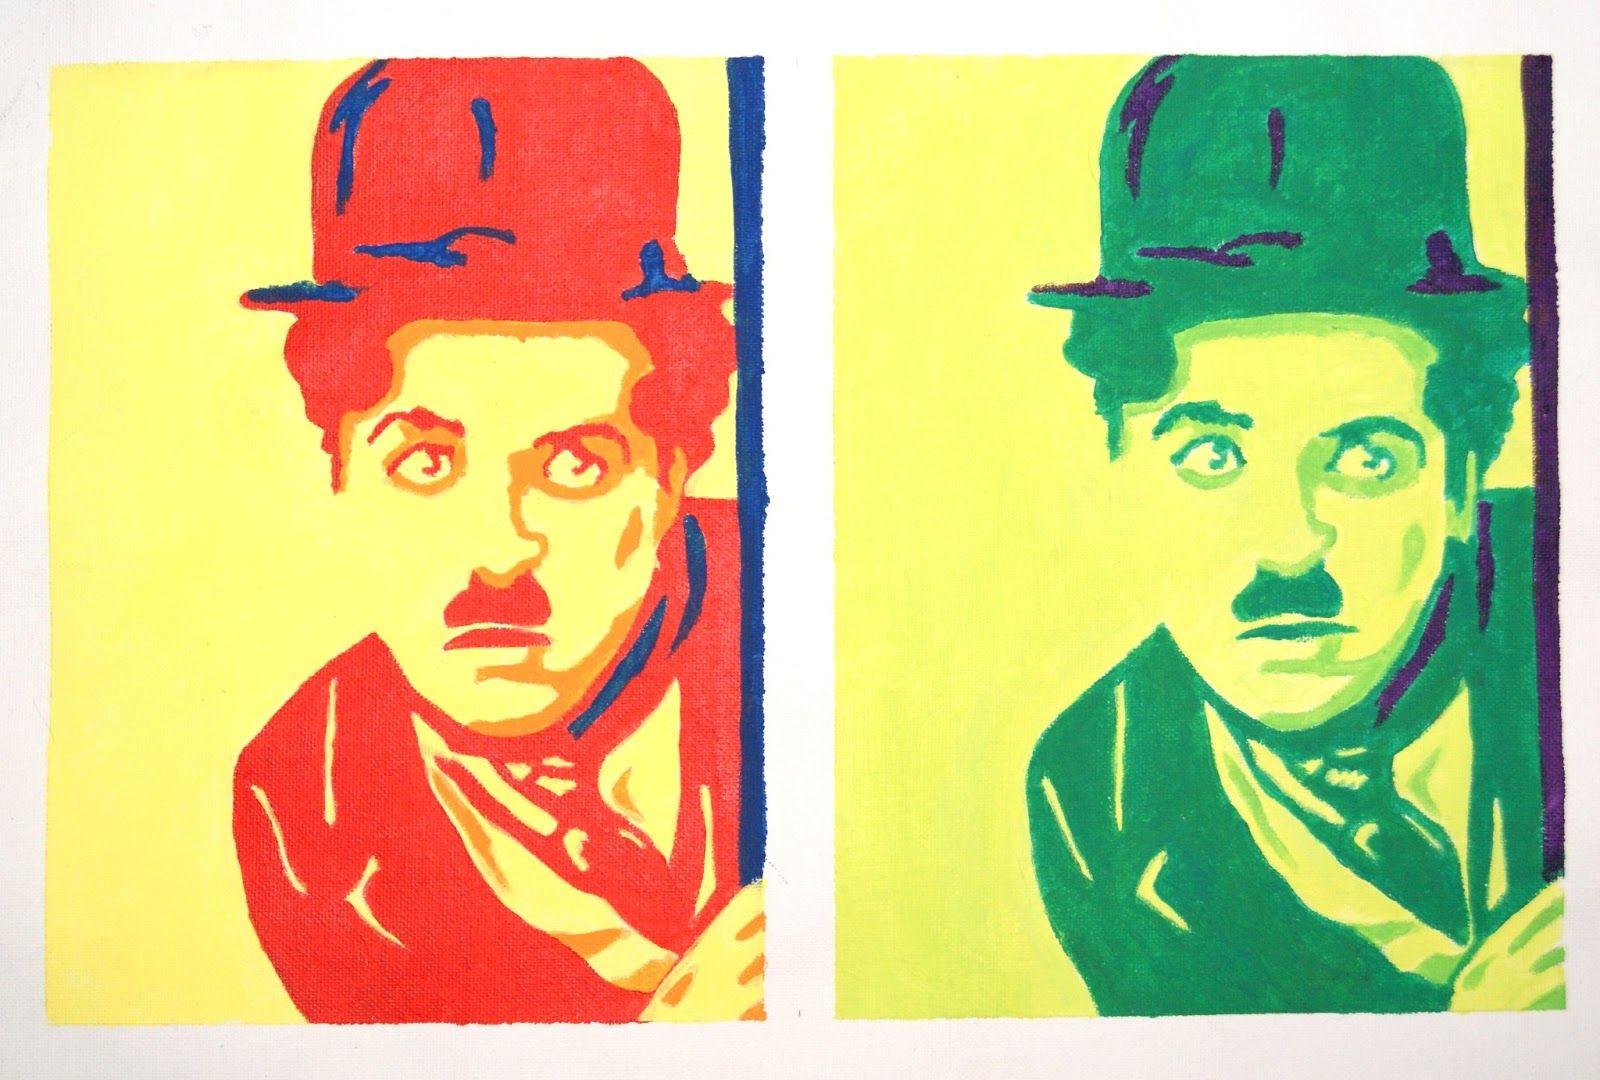 Teoria Del Color Armonia Y Contraste Teoria Del Color Contraste Colores